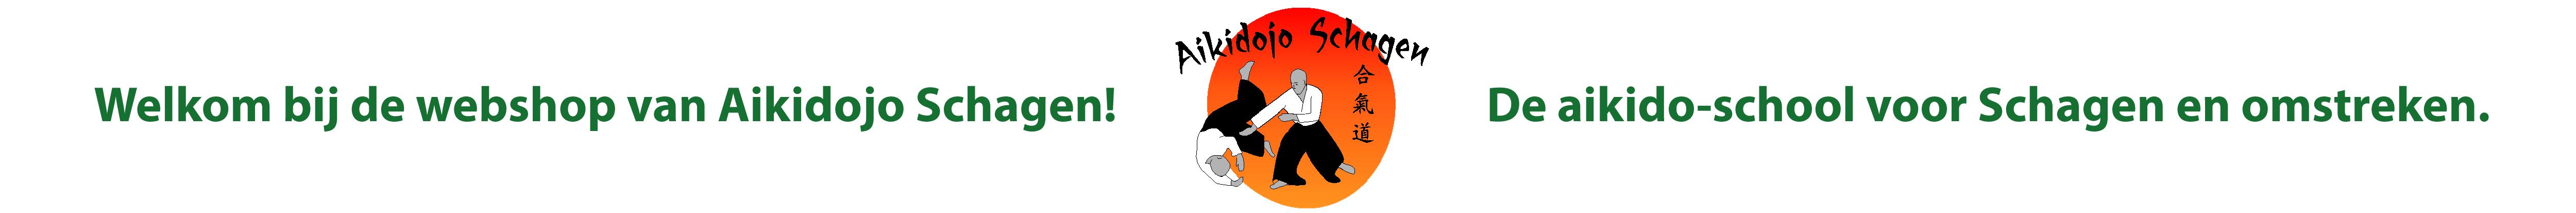 Akidojo Schagen